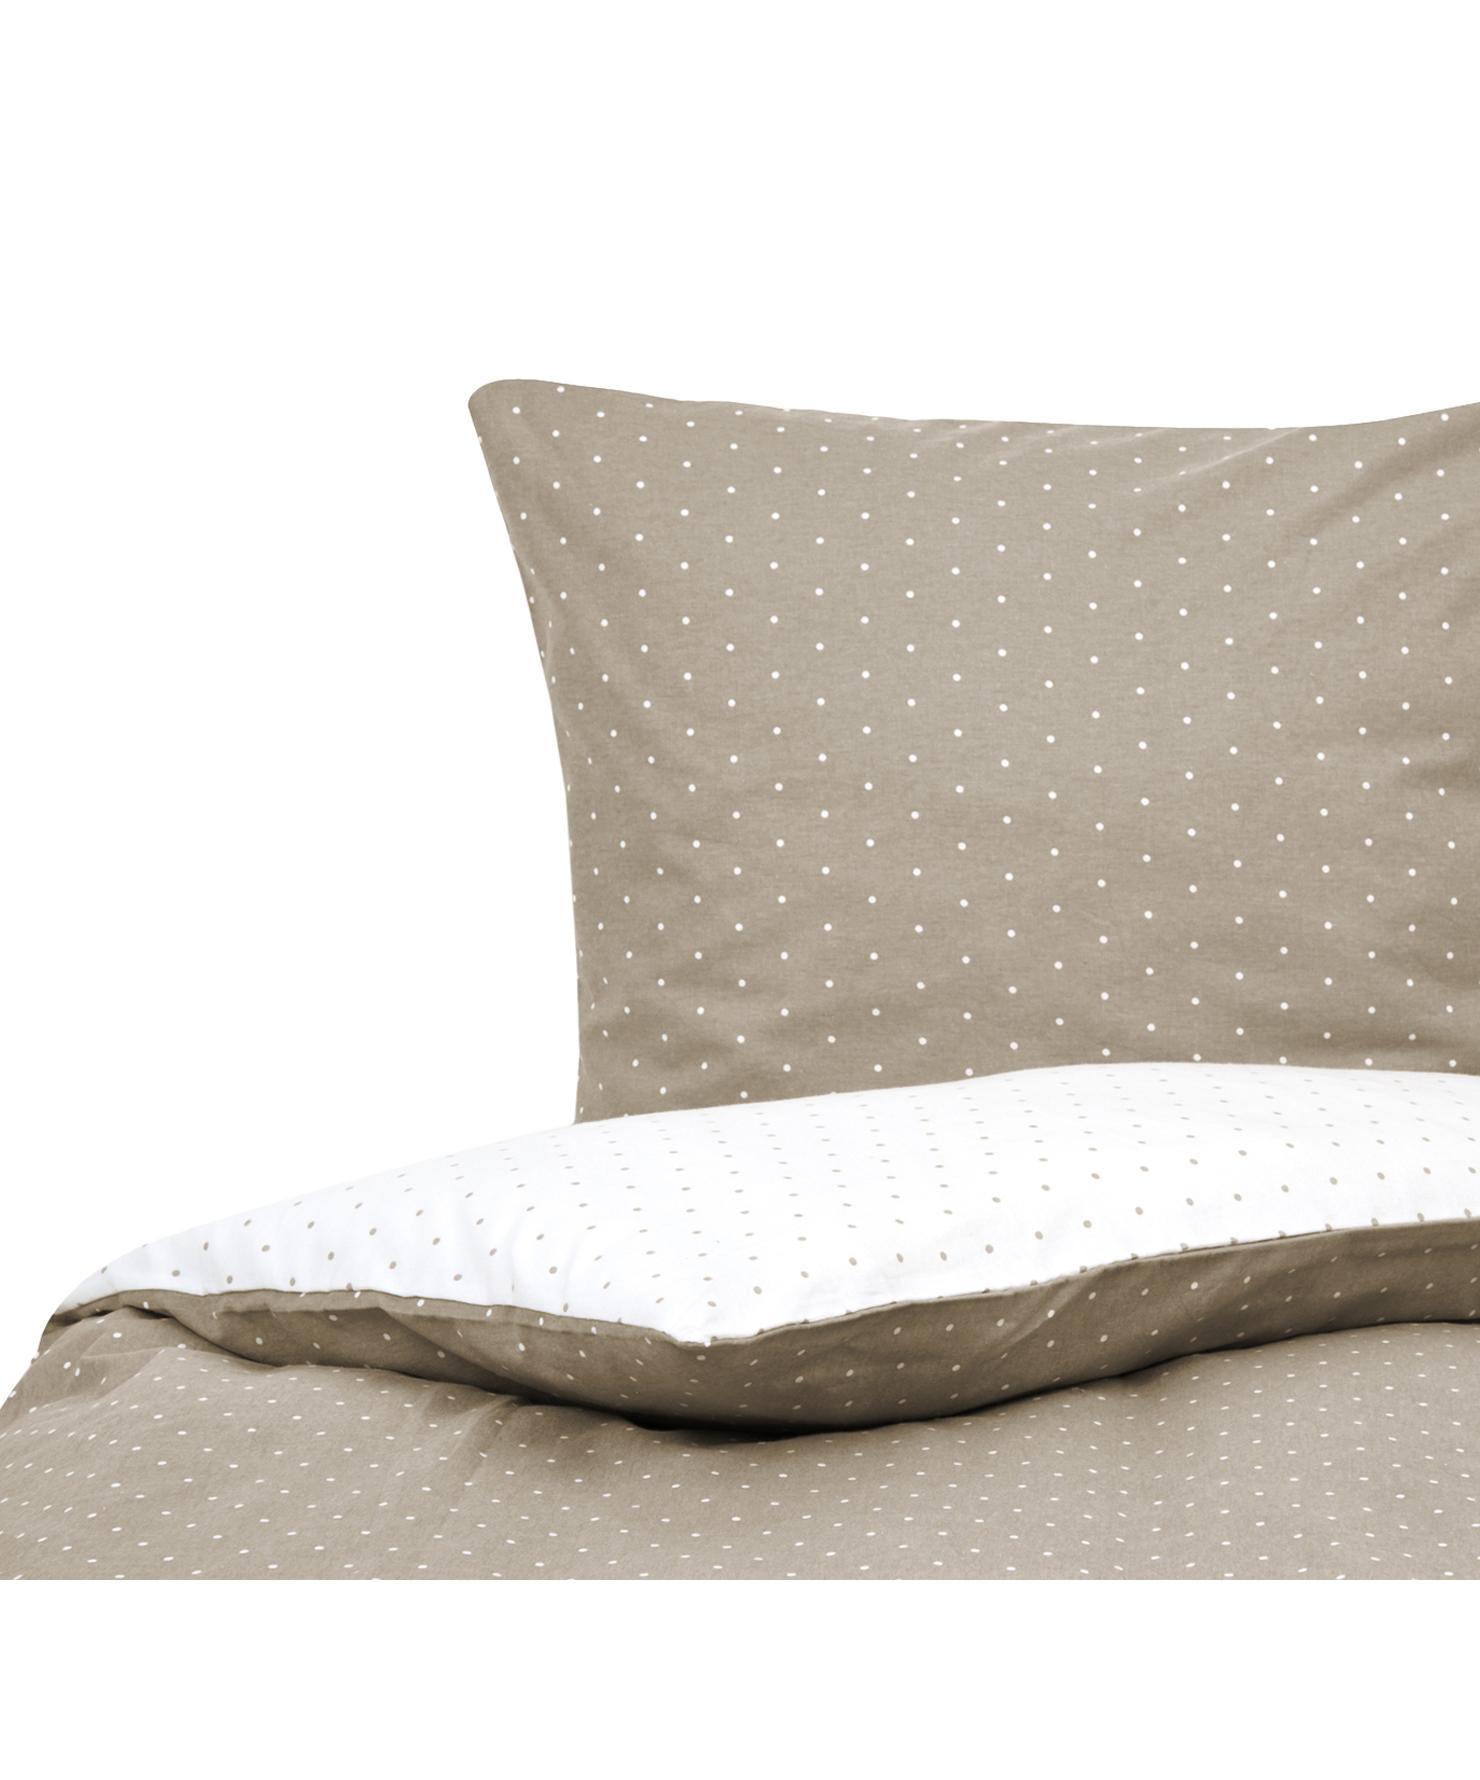 Flanell-Wendebettwäsche Betty, gepunktet, Webart: Flanell Flanell ist ein s, Beige, Weiß, 135 x 200 cm + 1 Kissen 80 x 80 cm